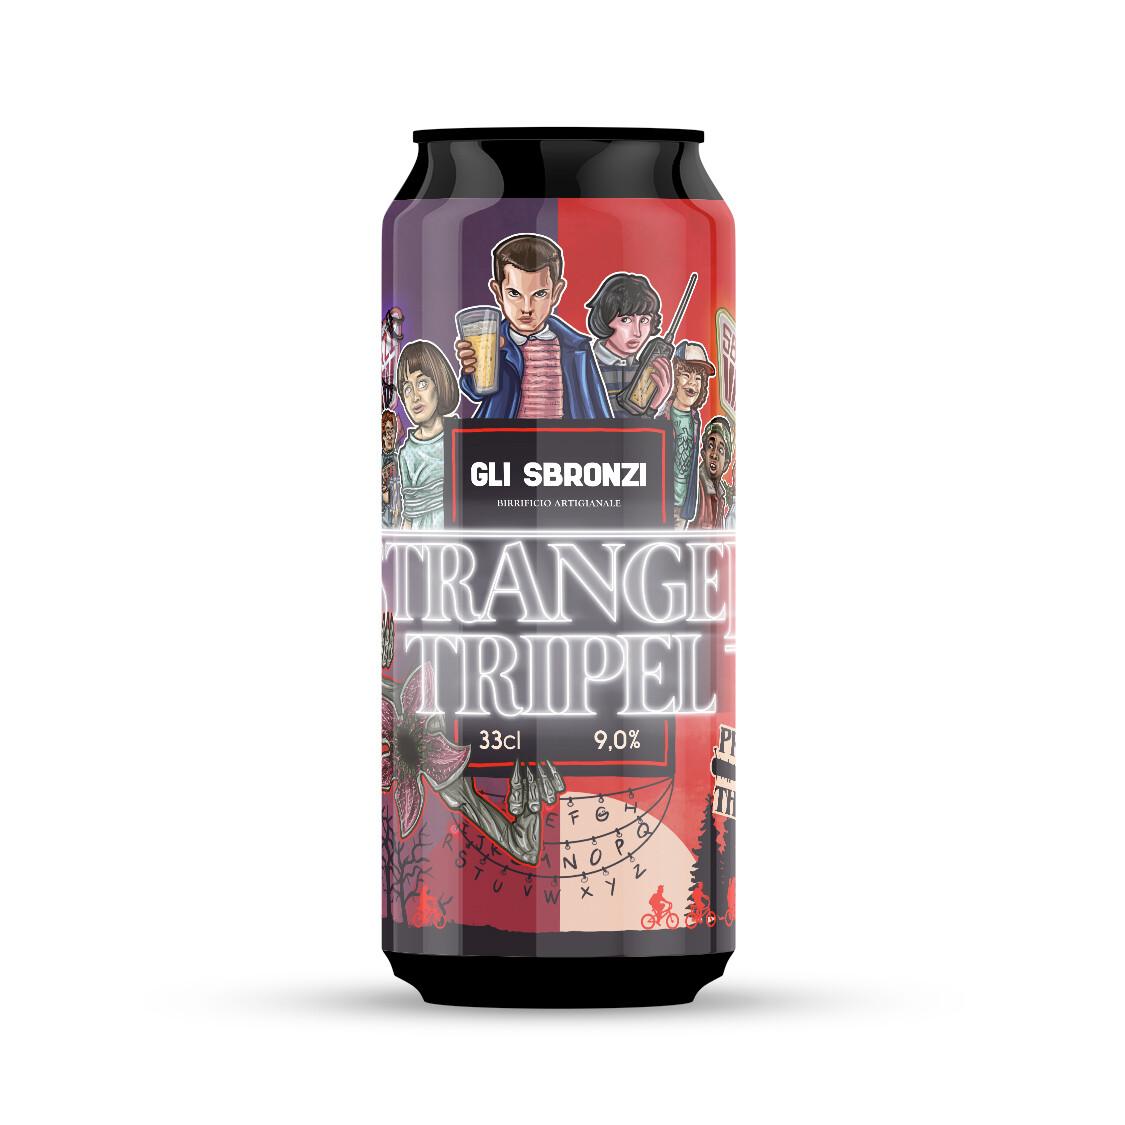 Stranger - Tripel